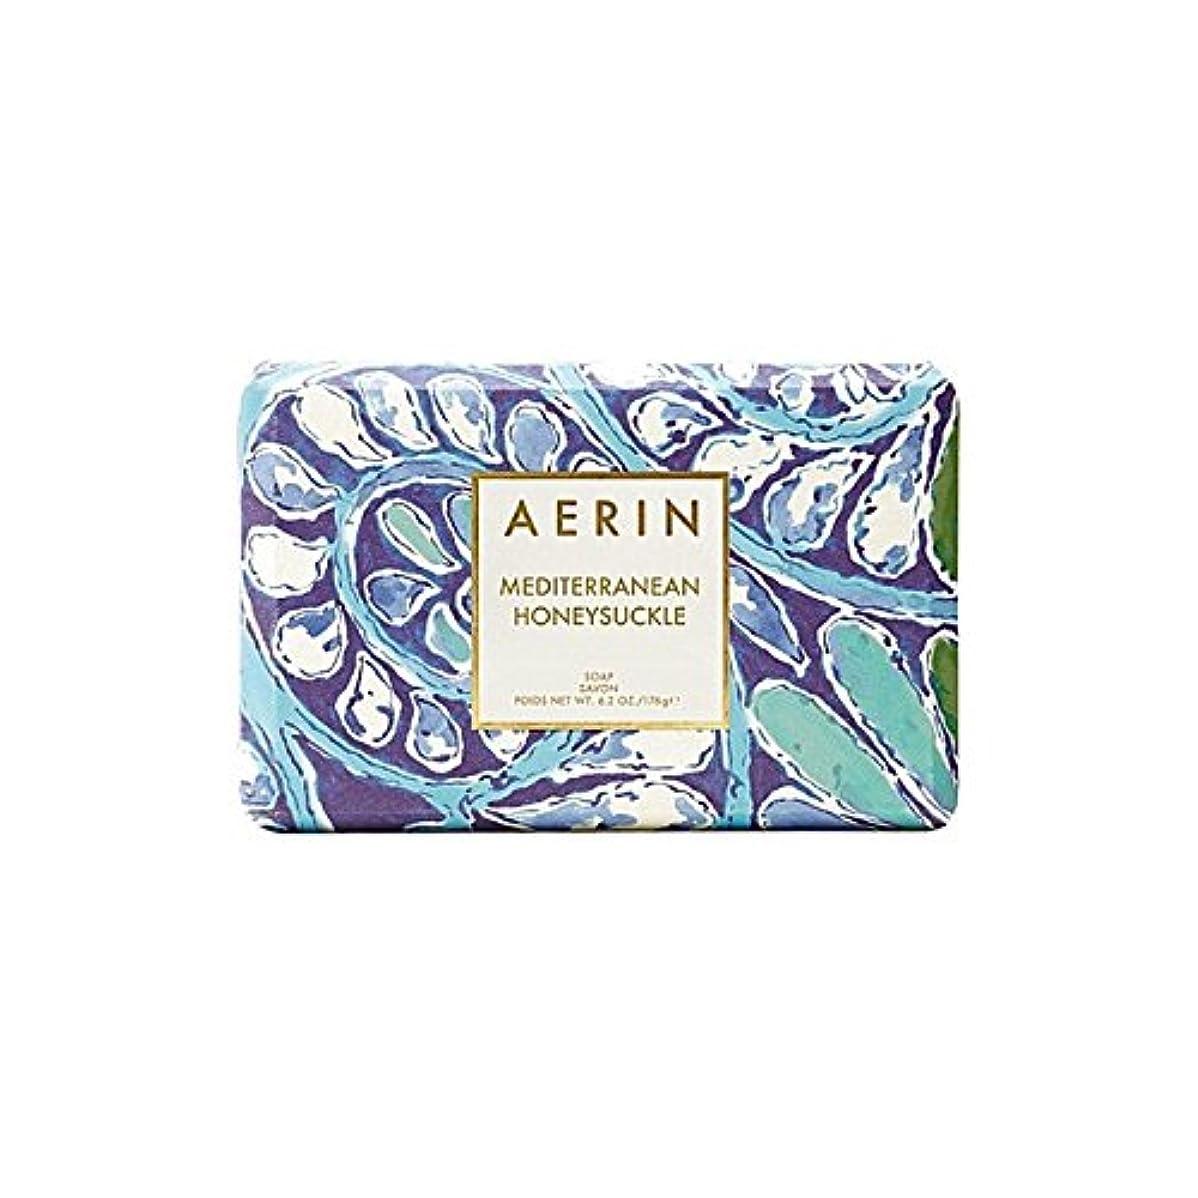 保存便利批判的Aerin Mediterrenean Honeysuckle Bar Soap 176G - スイカズラ固形石鹸176グラム [並行輸入品]